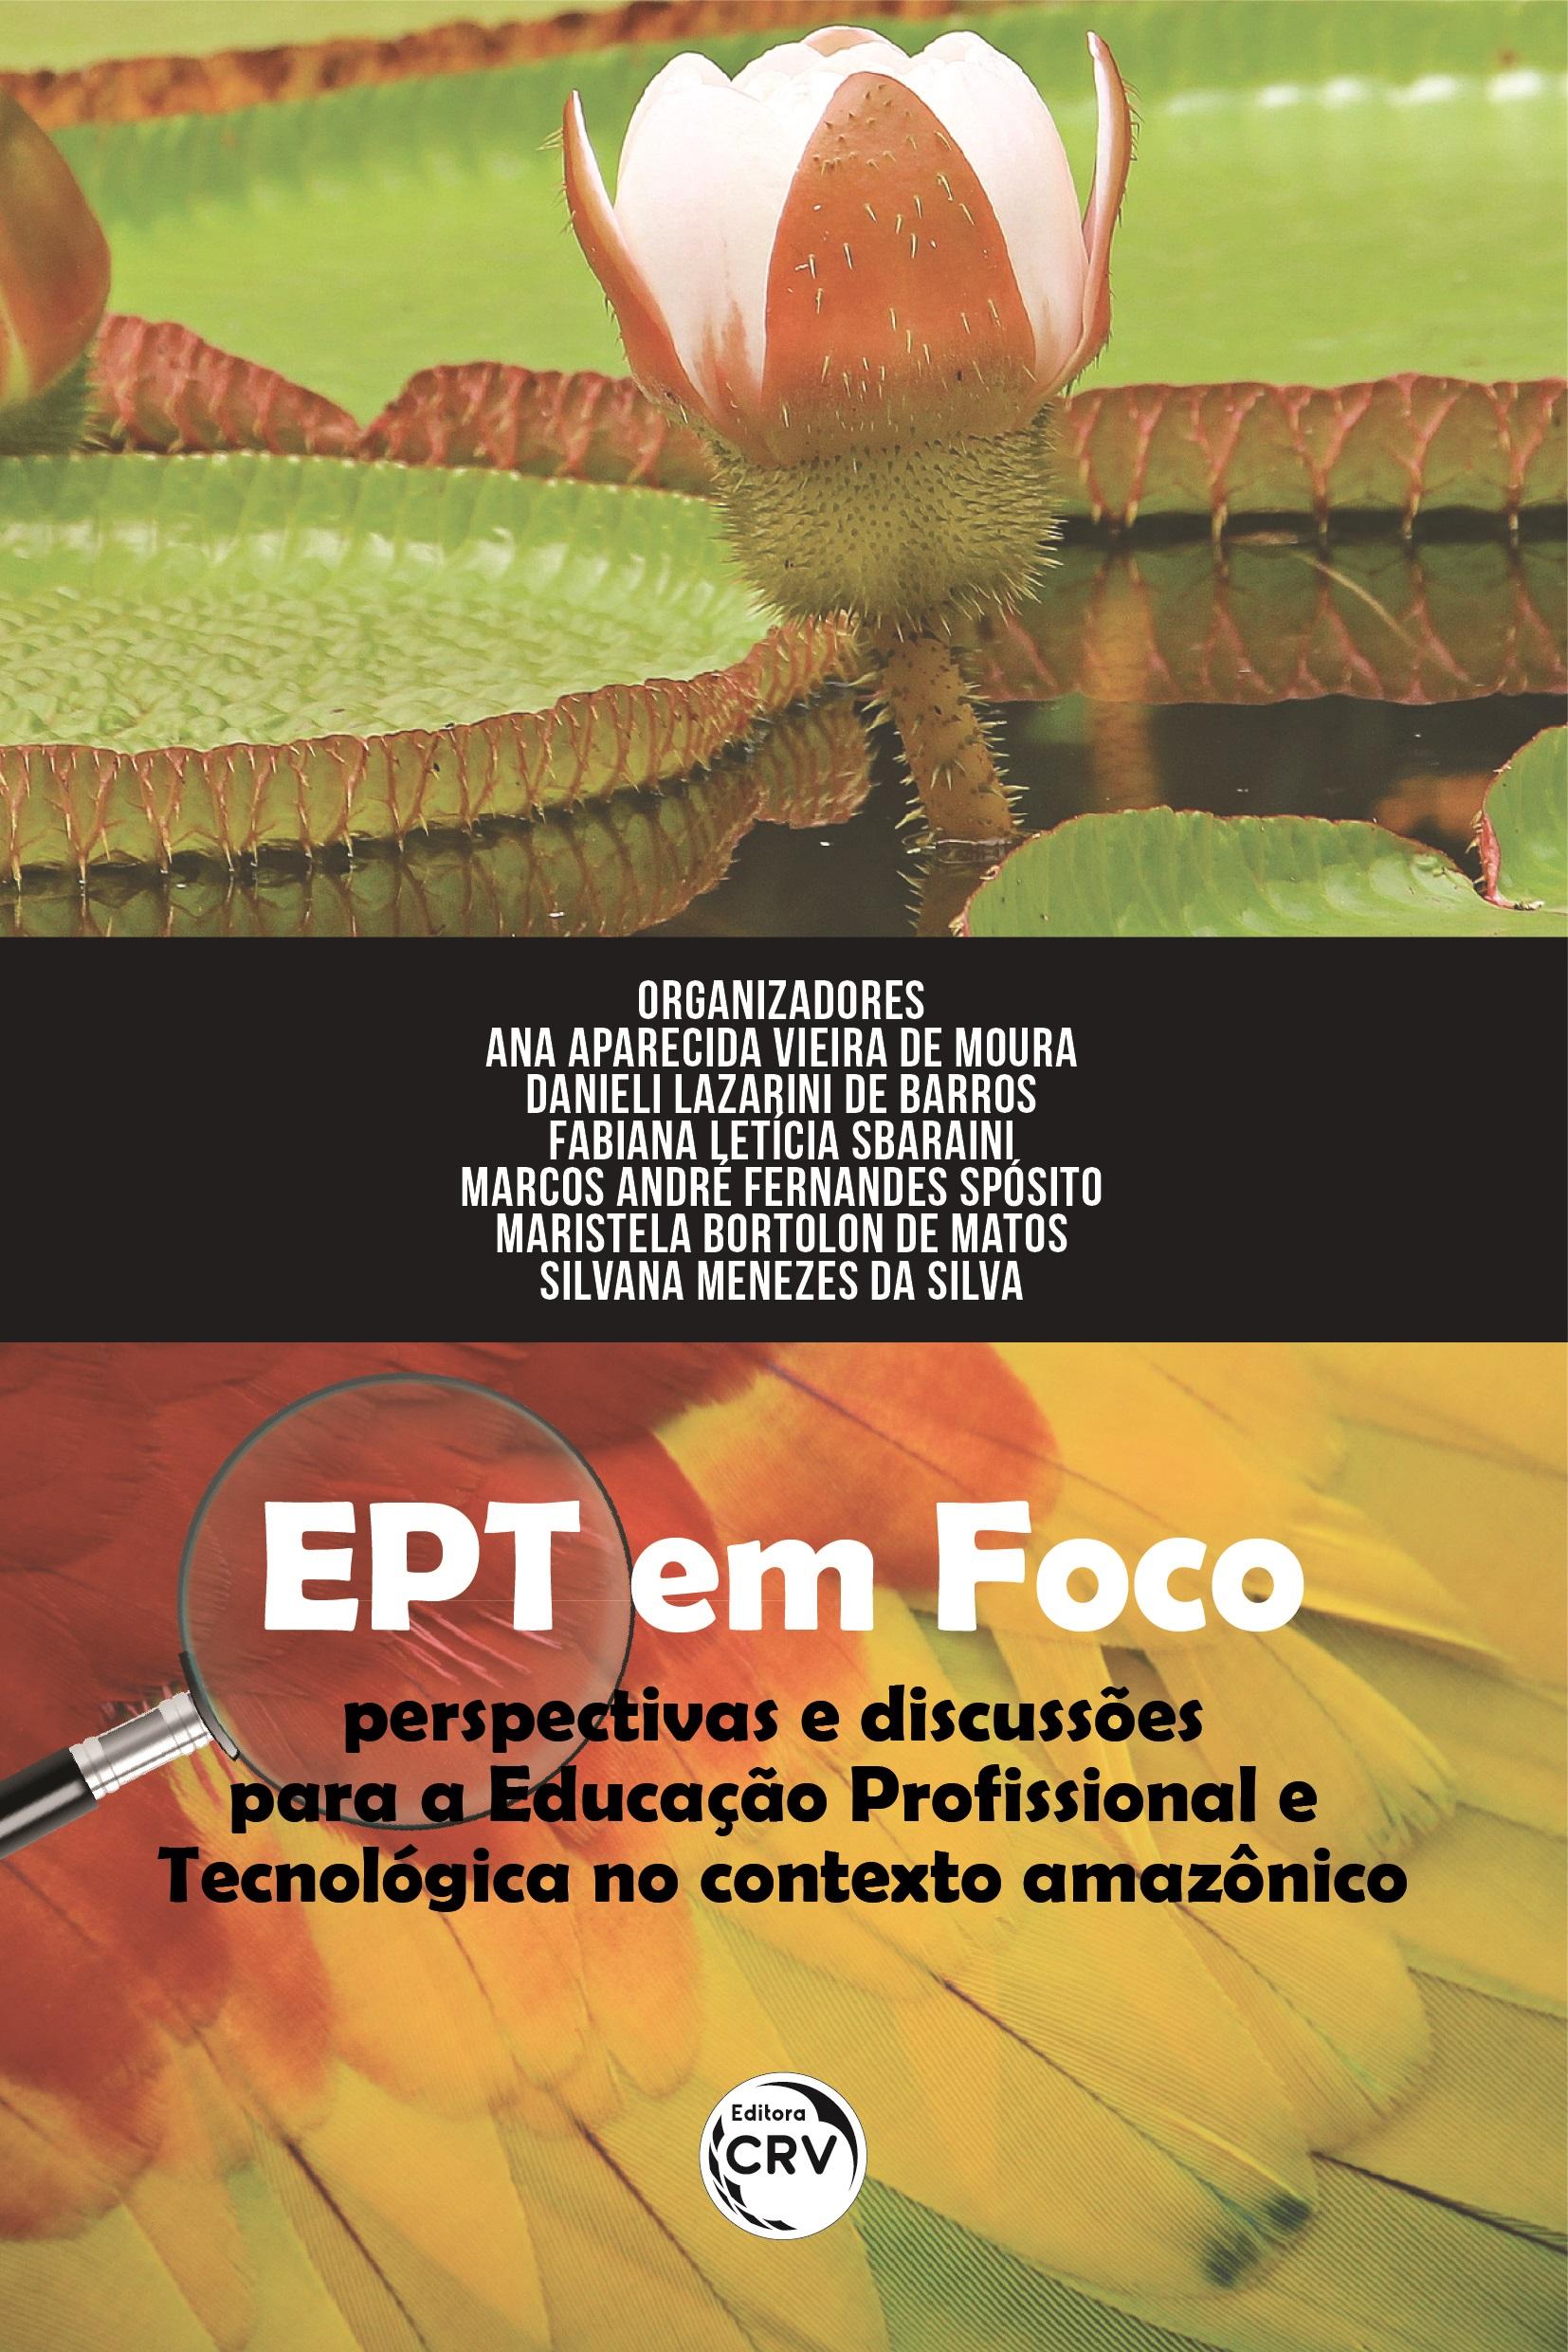 Capa do livro: EPT EM FOCO: <br>perspectivas e discussões para a Educação Profissional e Tecnológica no contexto amazônico